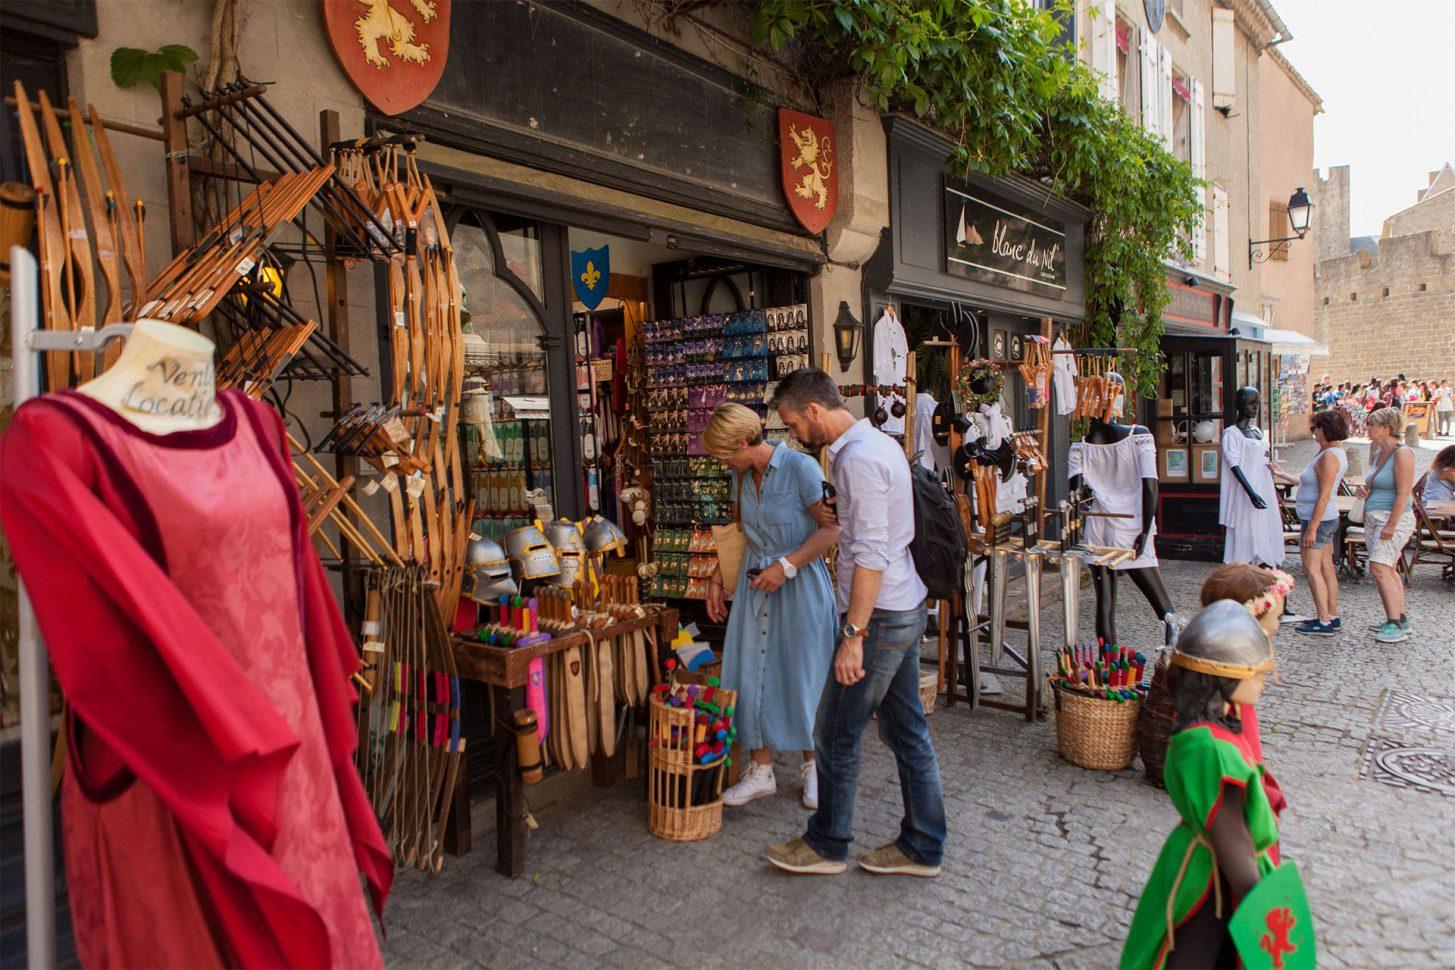 Achats de souvenirs à la Cité de Carcassonne ©ADT de l'Aude